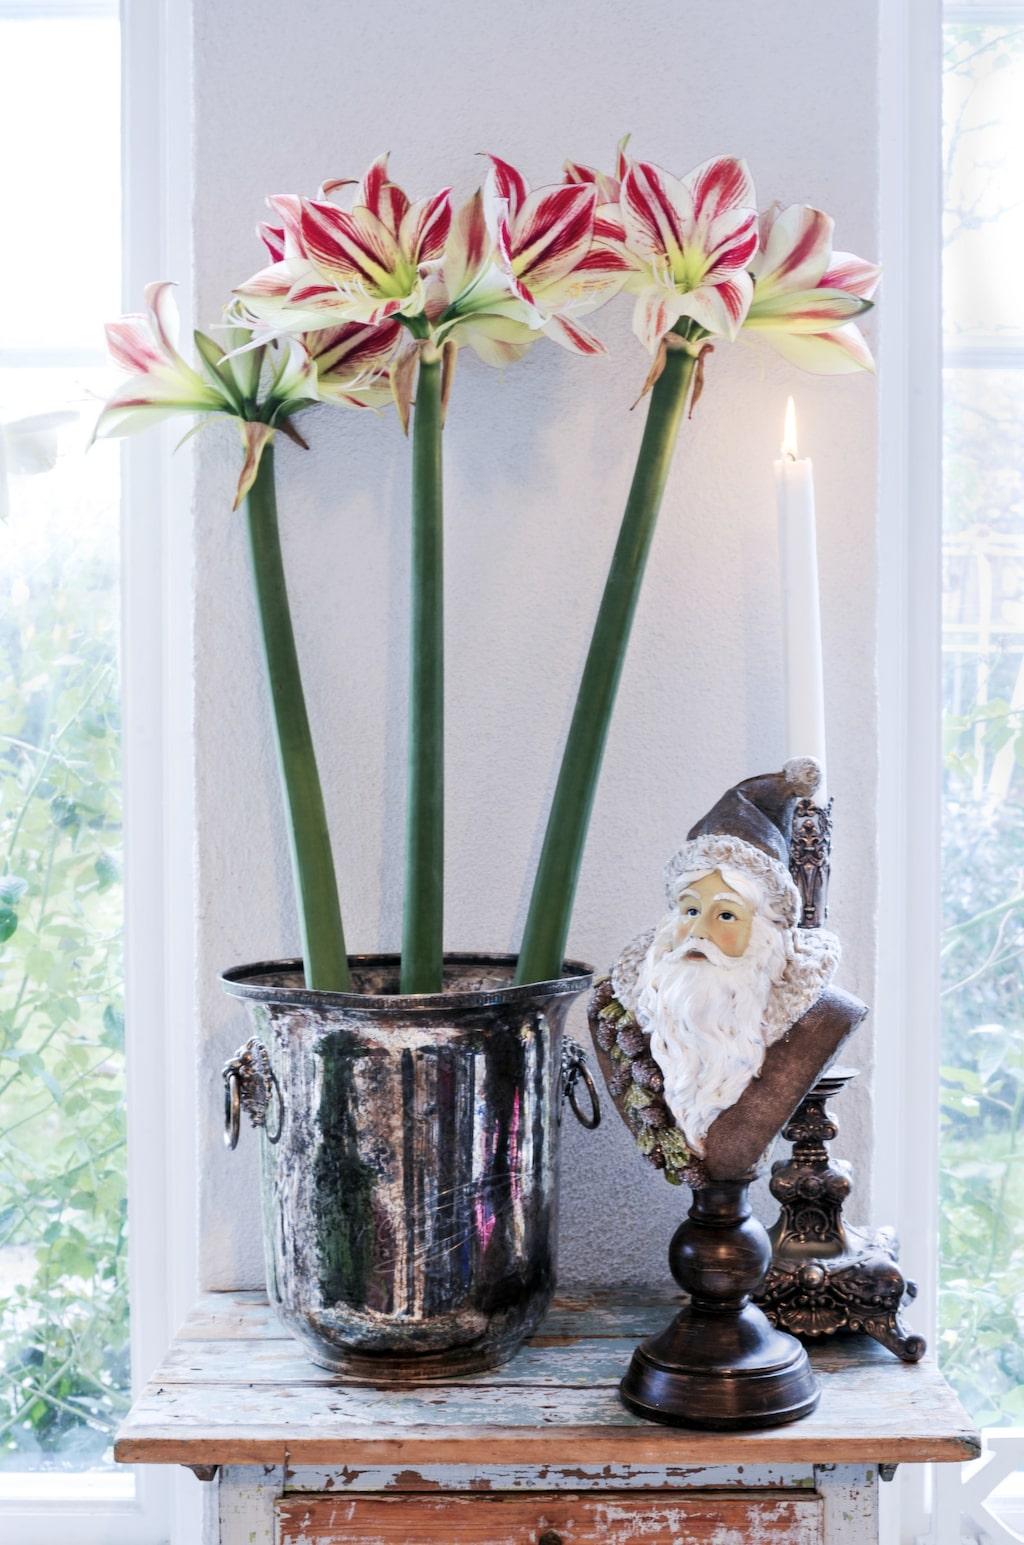 På det gamla bordet som fått behålla sin originalfärg har Håkan satt snittamaryllis i en antik champagnekylare från Frankrike, inropad på auktion. Tomtebysten kommer från FB interiör, ljusstaken i silver är arvegods.